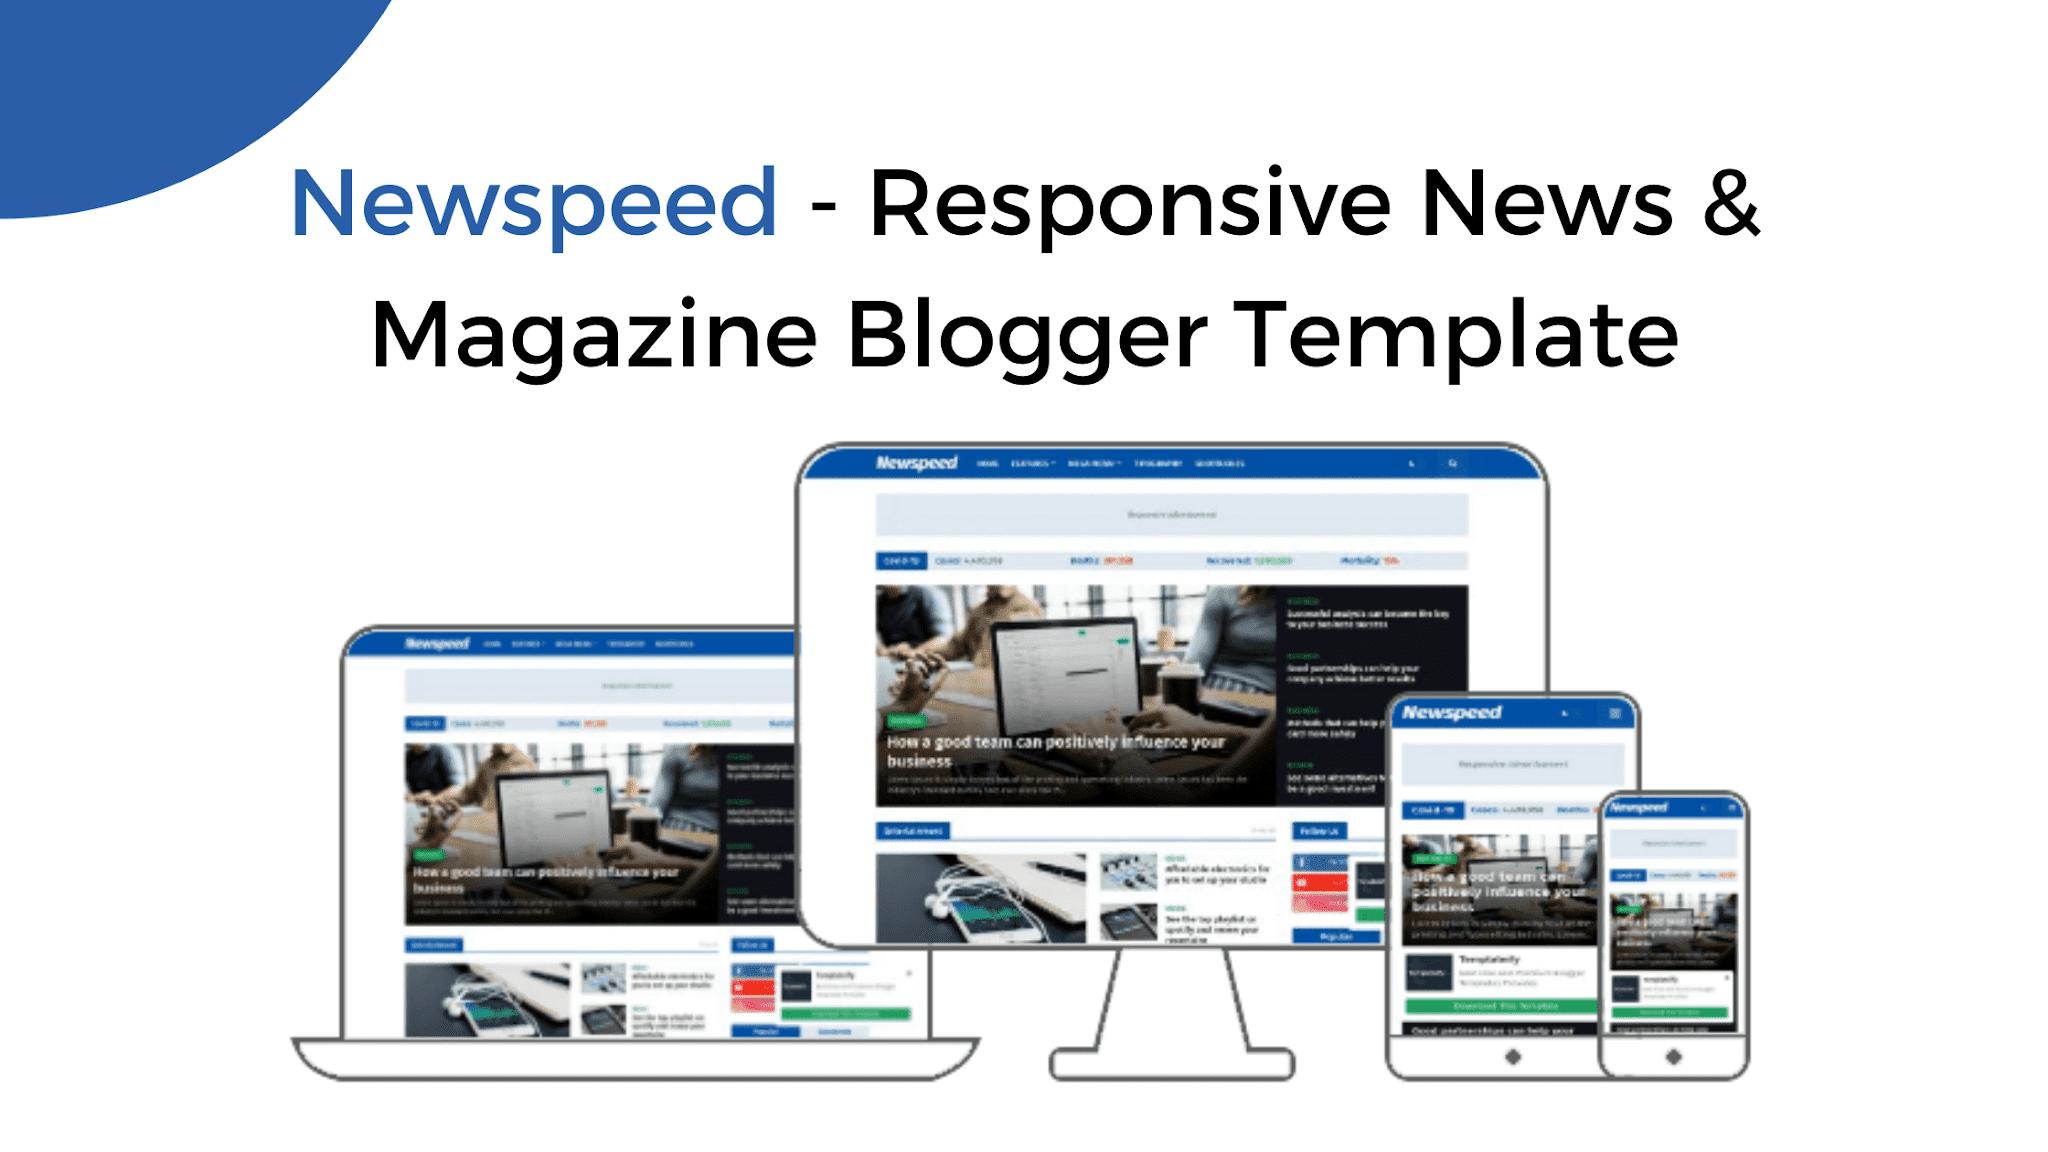 Newspeed - Template Blogger Berita & Majalah Responsive